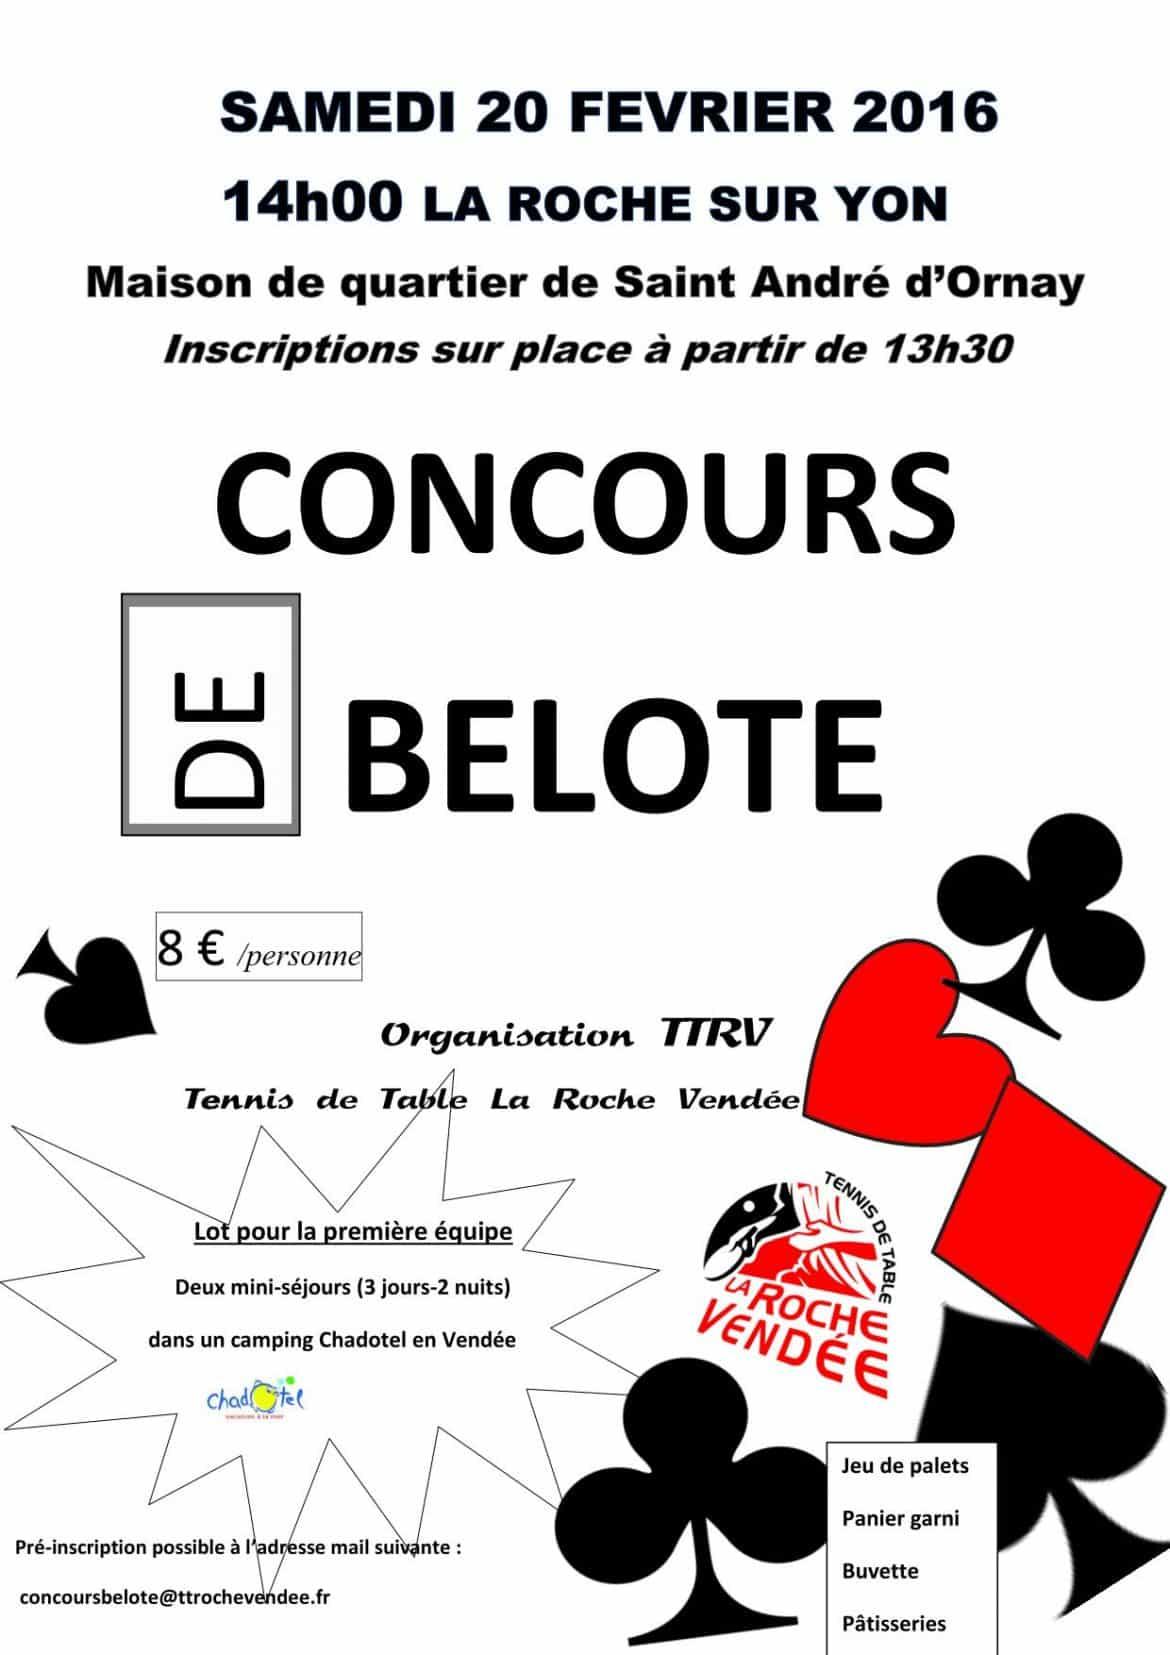 affiche du Concours belote samedi 20 février 2016 à la Roche sur Yon (85)